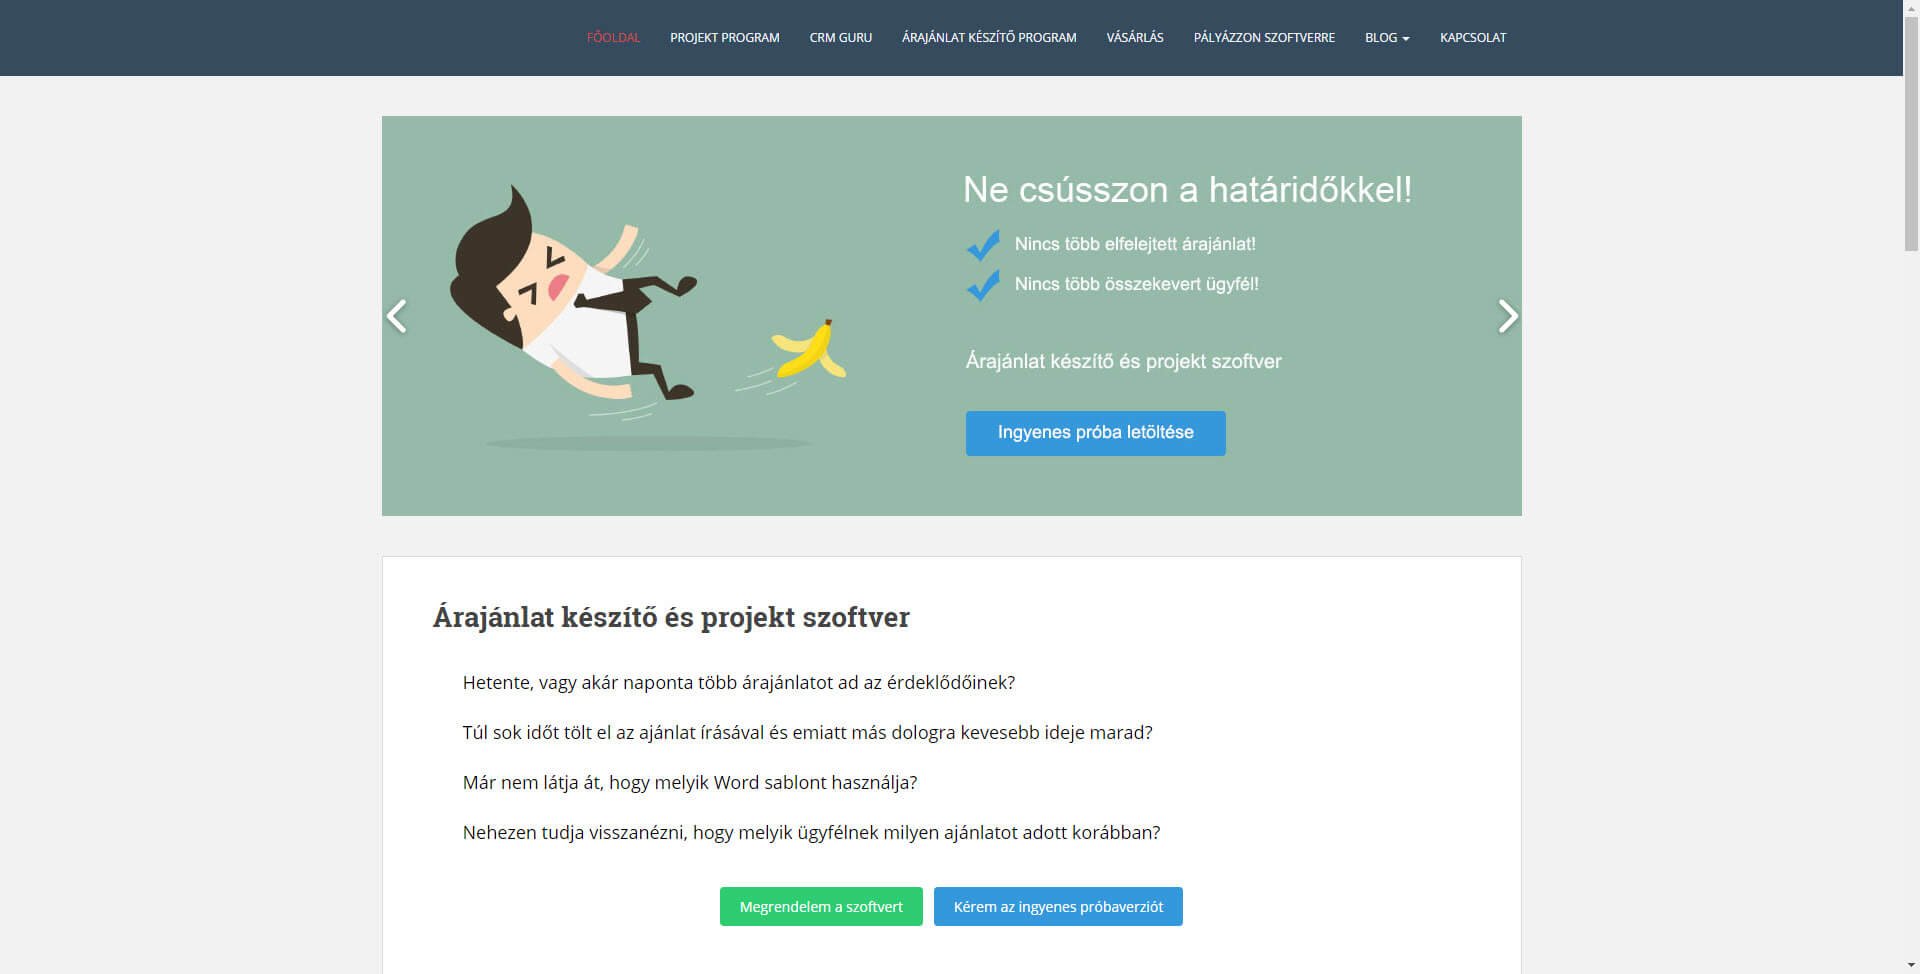 Projekt kezelő szoftver